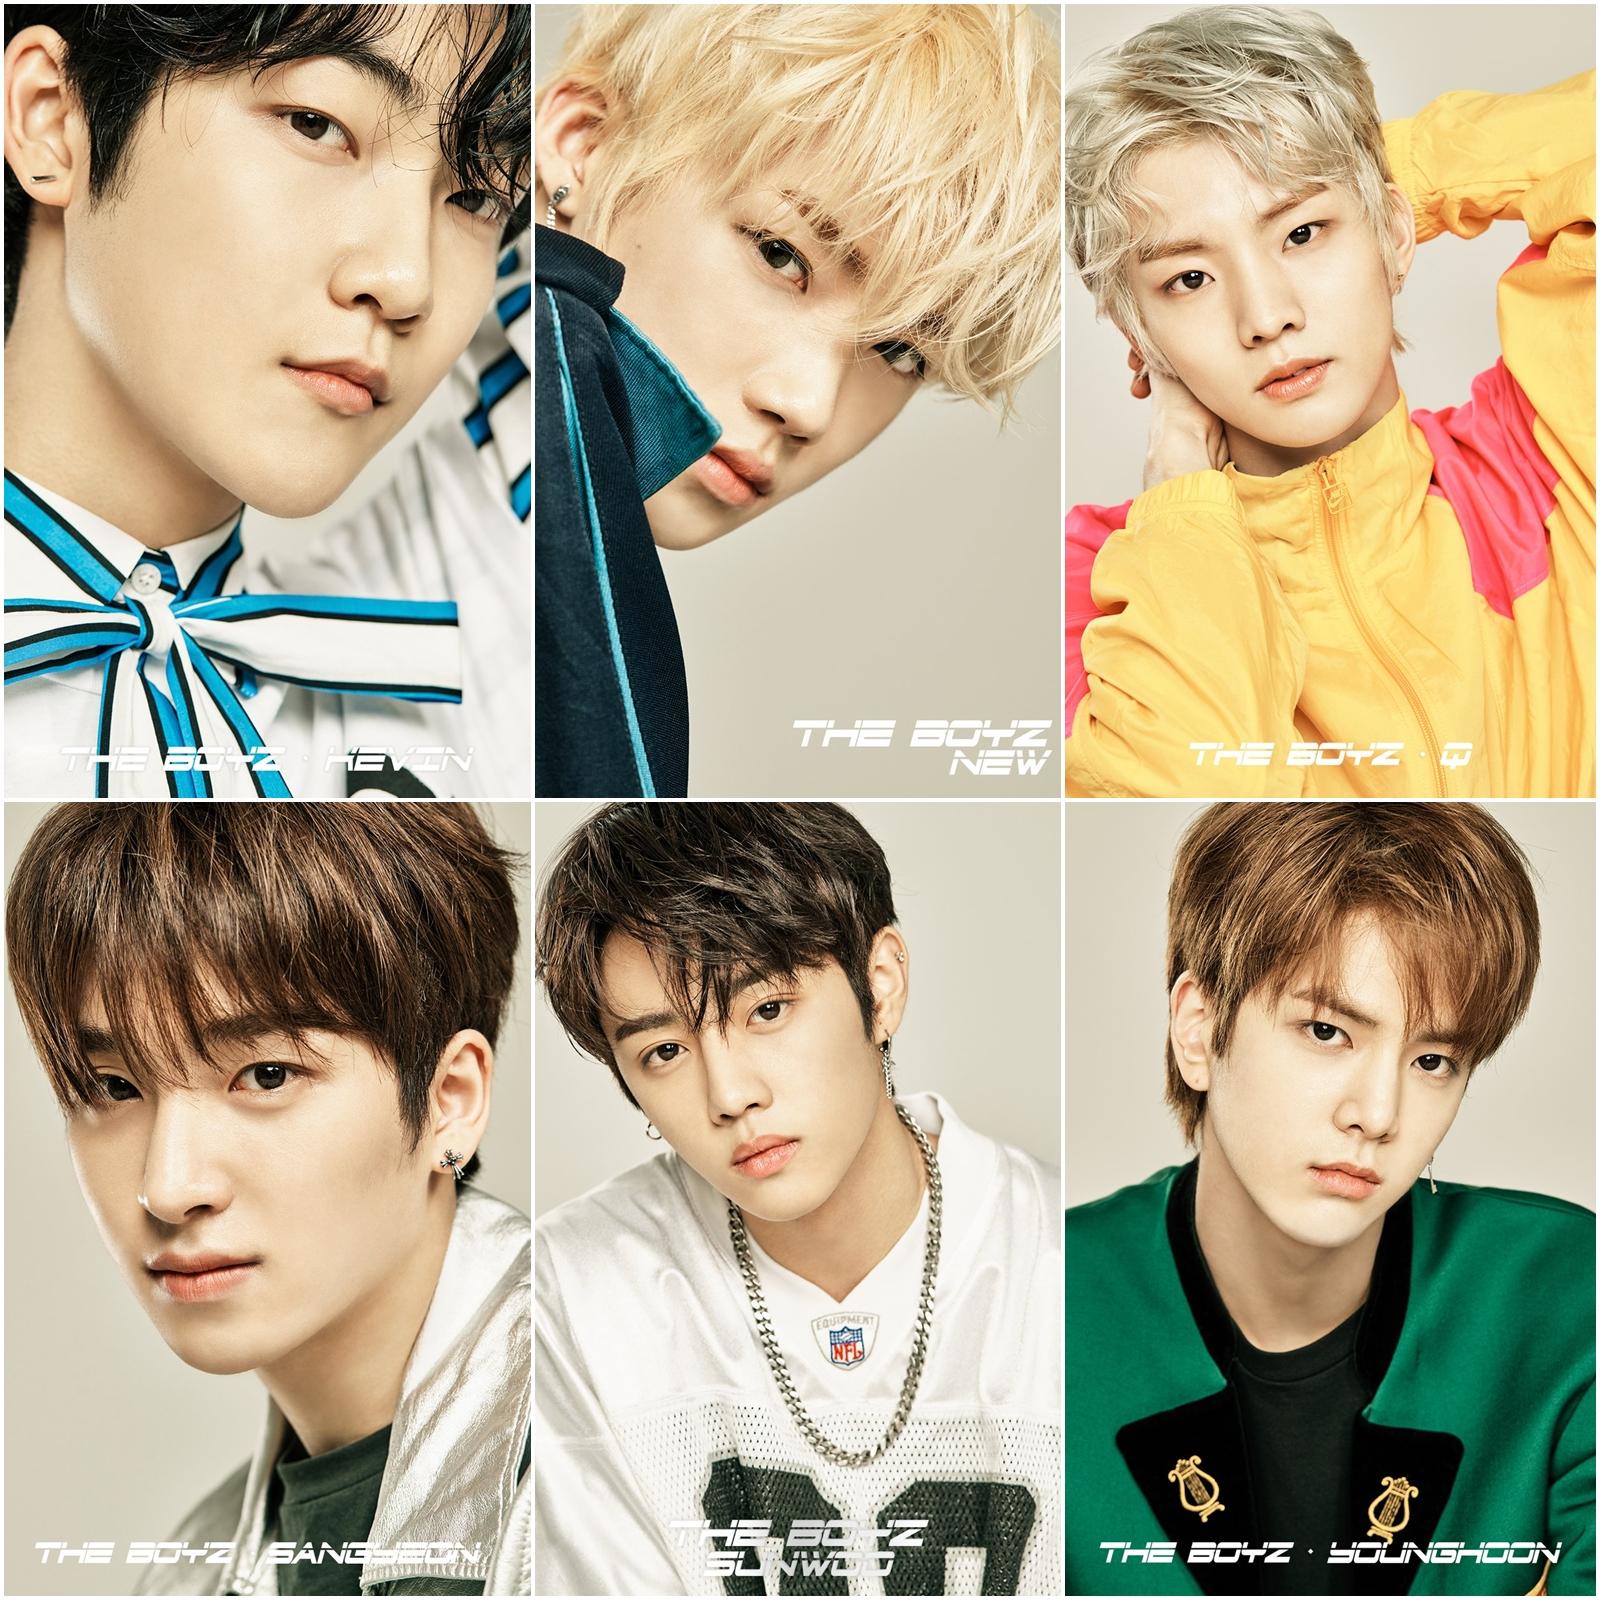 Sau EXID và JI Yeon đến lượt The Boyz xác nhận đến Việt Nam trình diễn trong đêm nhạc Việt – Hàn - Ảnh 3.